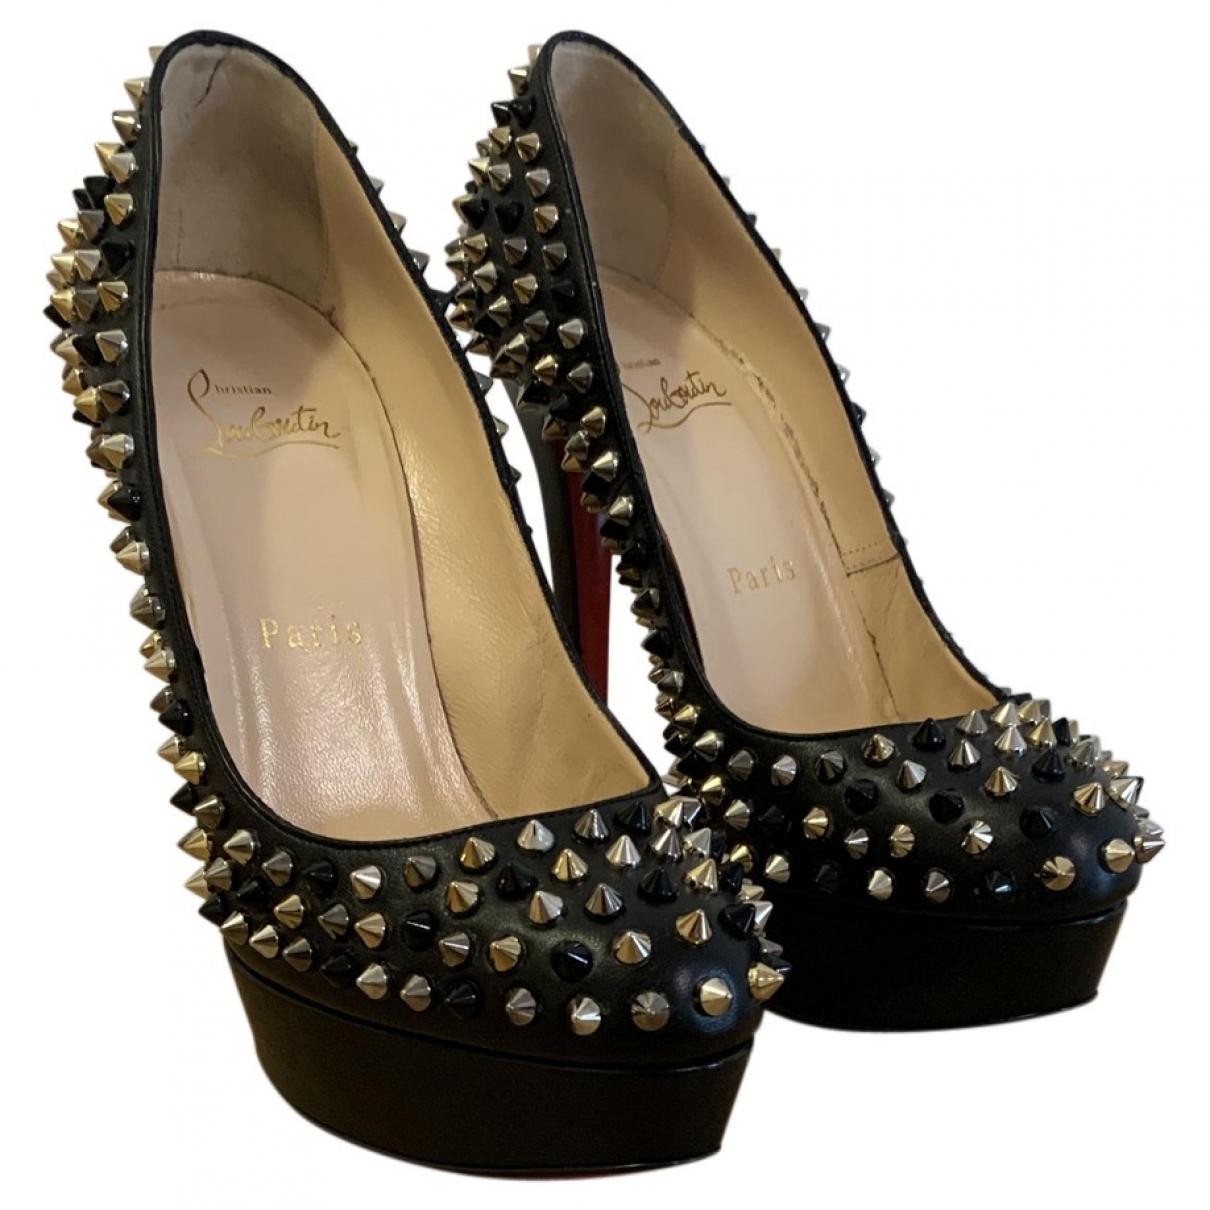 Christian Louboutin Bianca Black Leather Heels for Women 37.5 EU